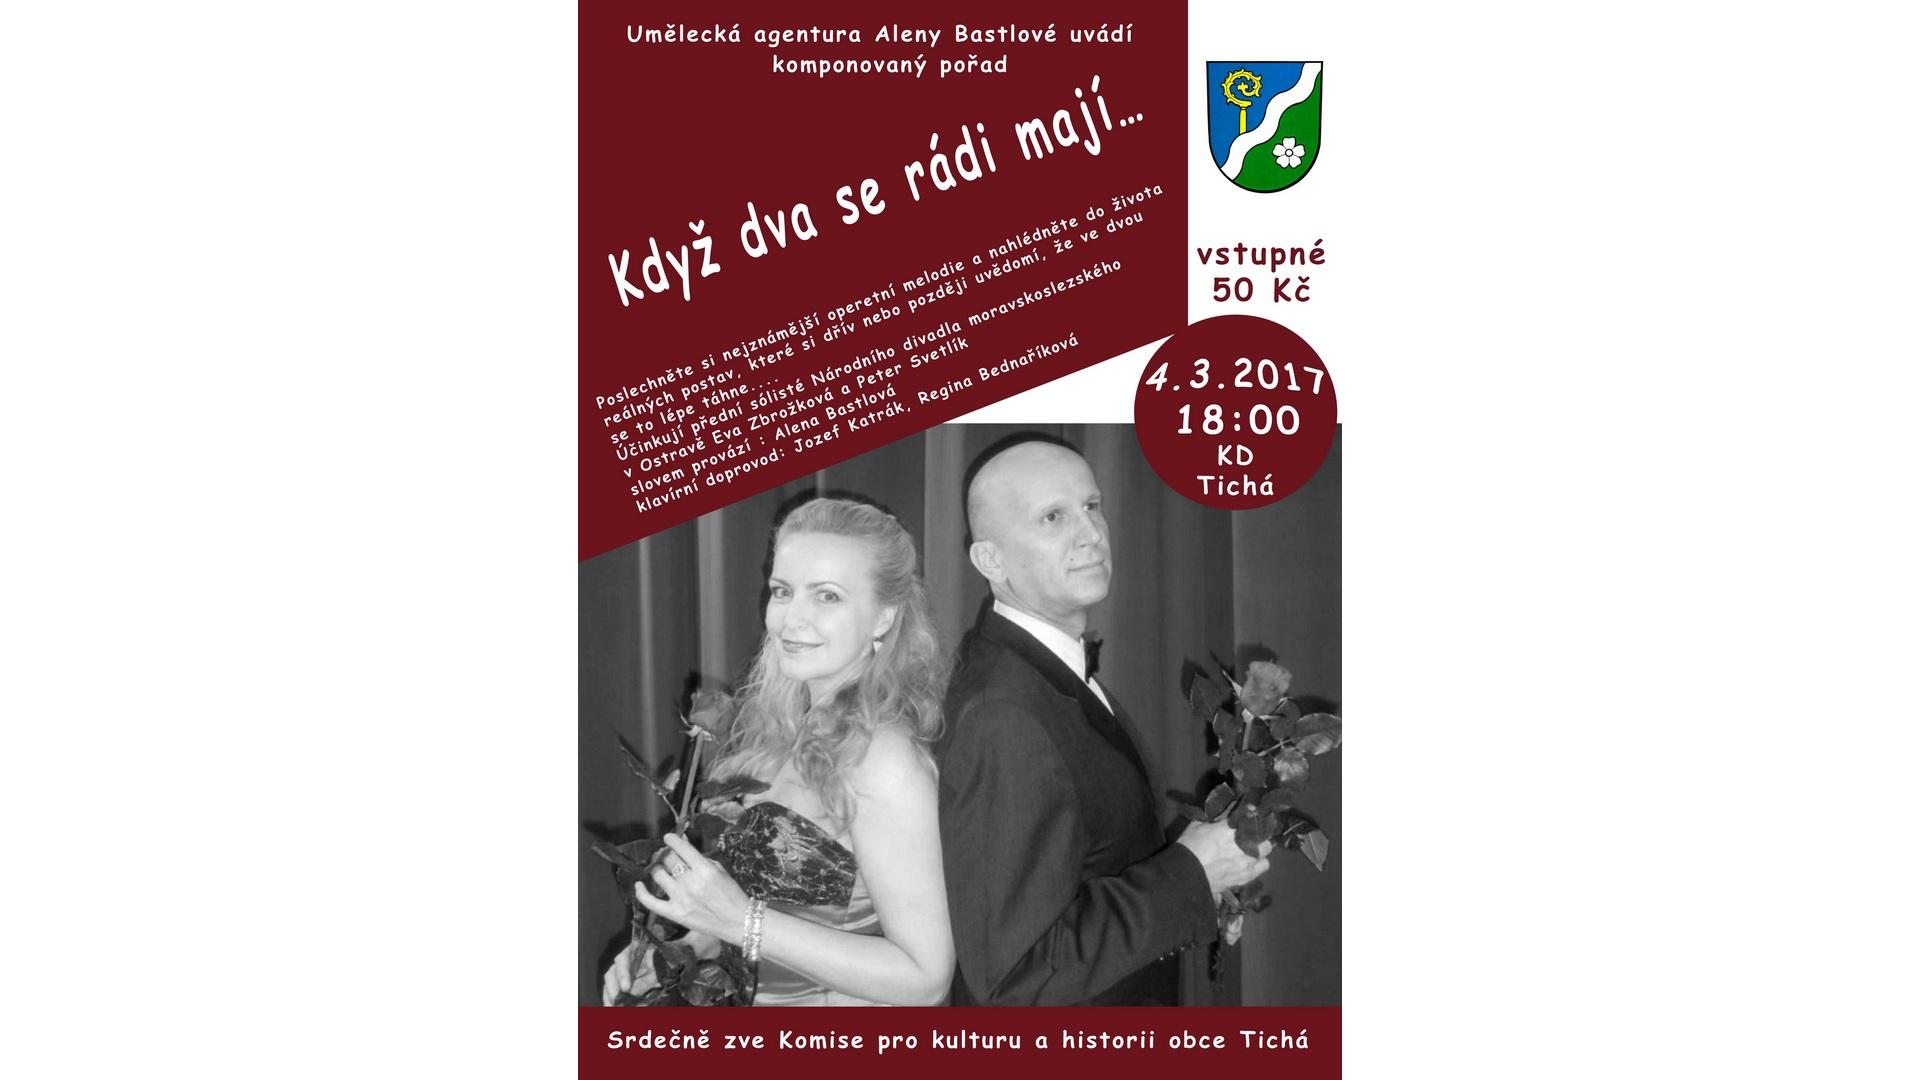 Archiv obce - Když dva se rádi mají... - plakát